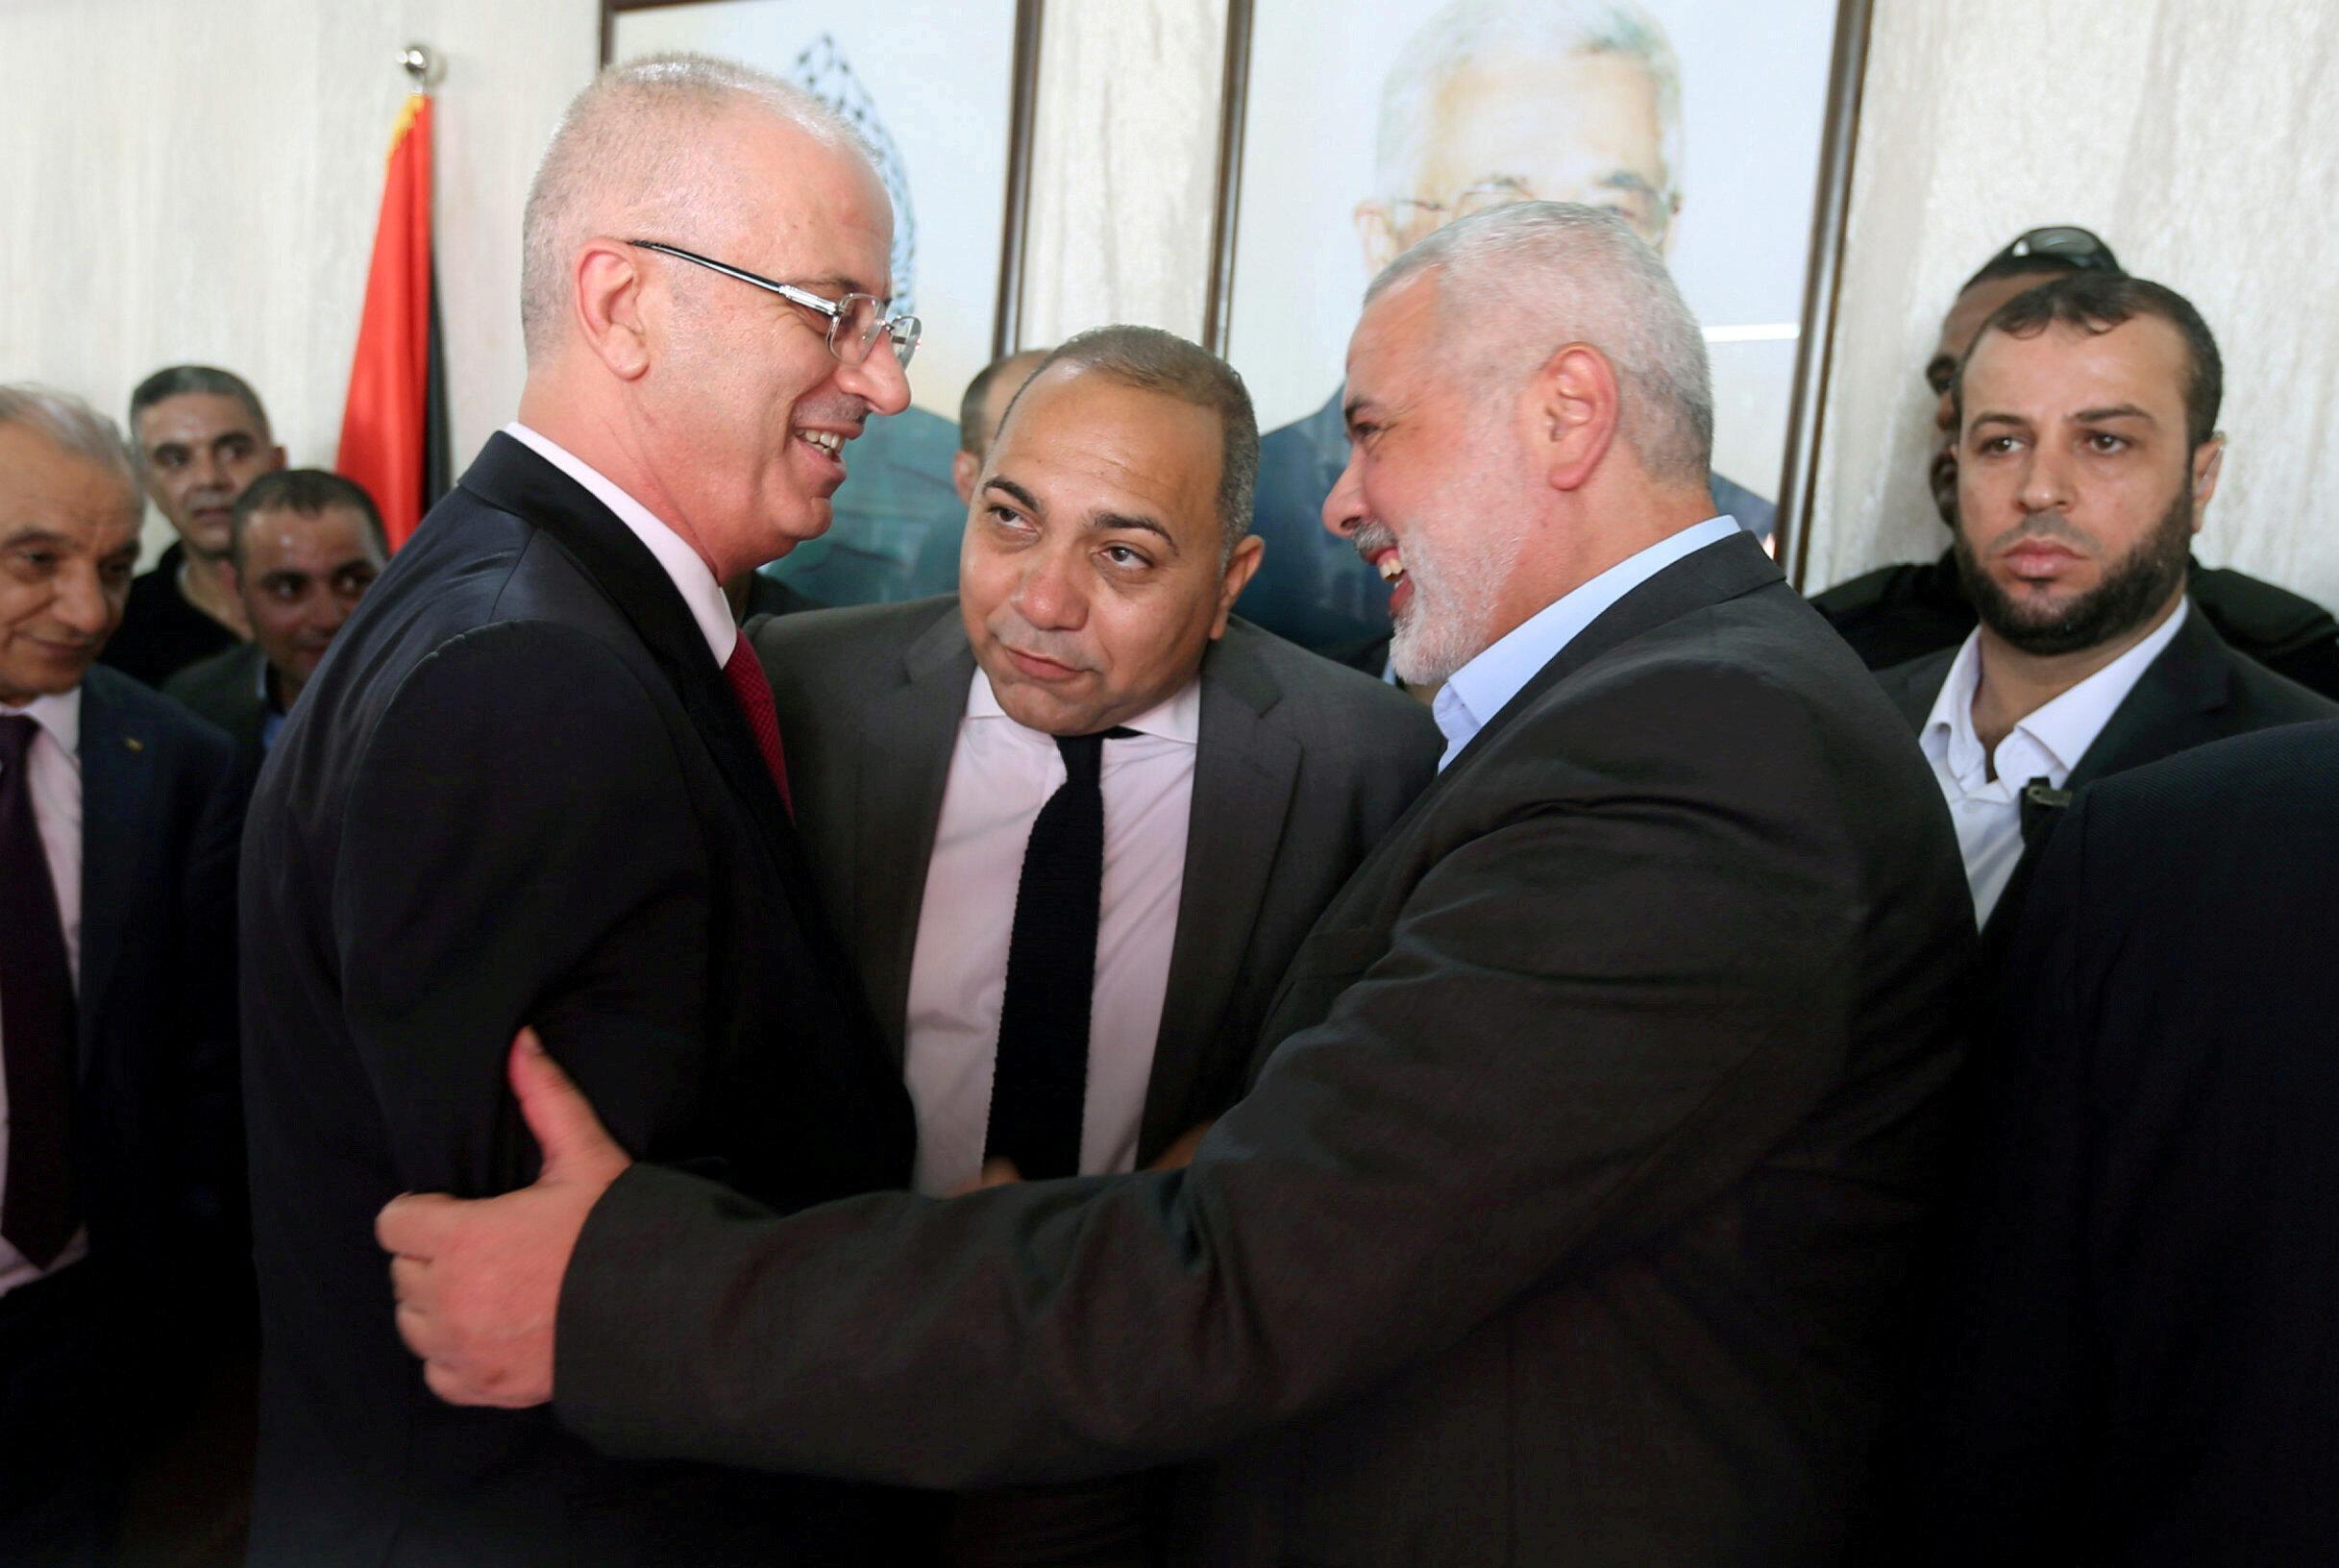 El primer ministro palestino, Rami Hamdallah, saluda al jefe de Hamas Ismail Haniya en Gaza, el 2 de octubre de 2017.